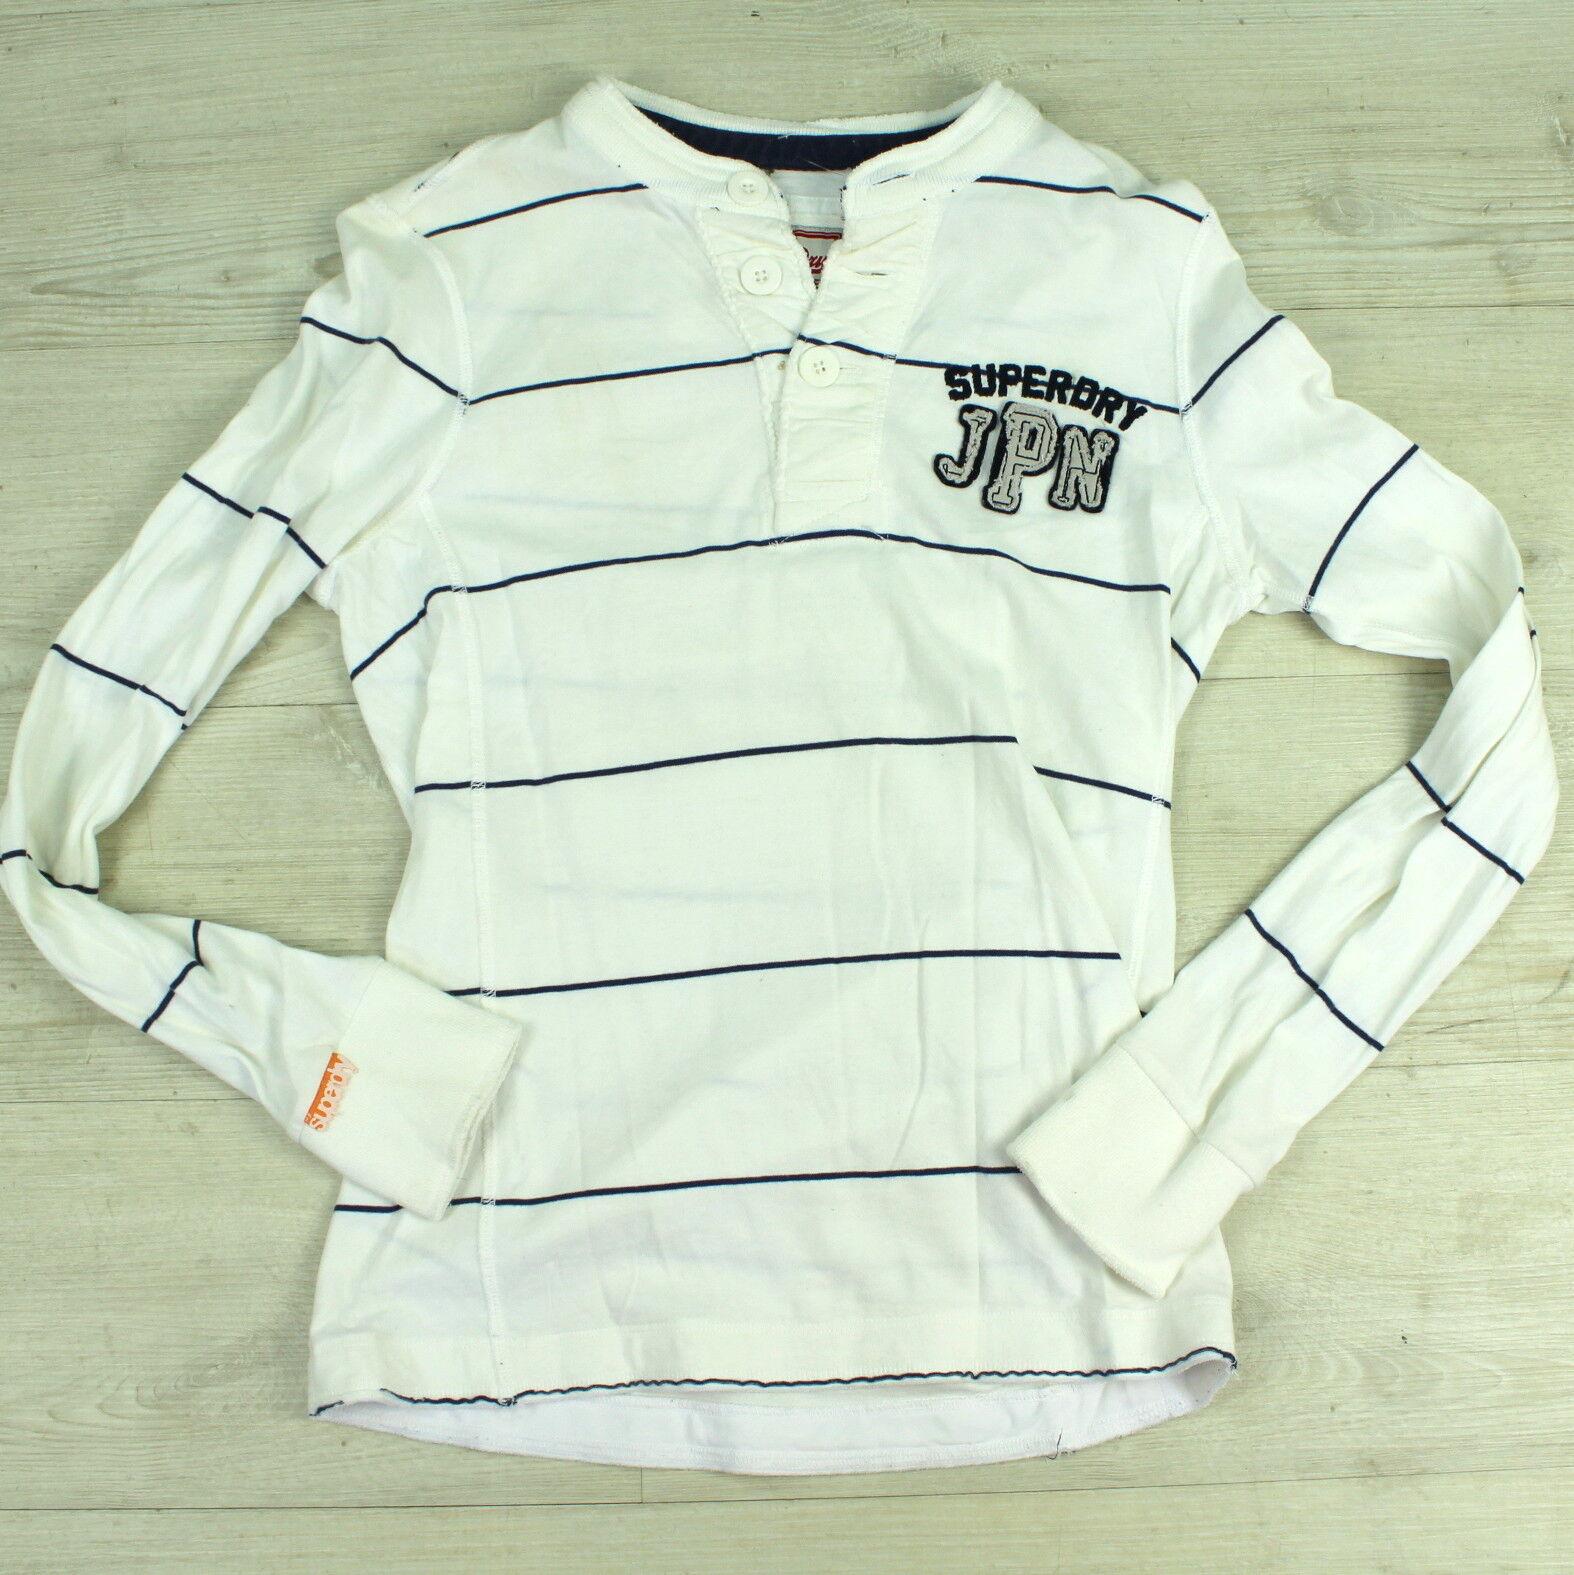 SUPERDRY Herren Gr. S Poloshirt Langarmshirt Pullover Weiss Blau A5927